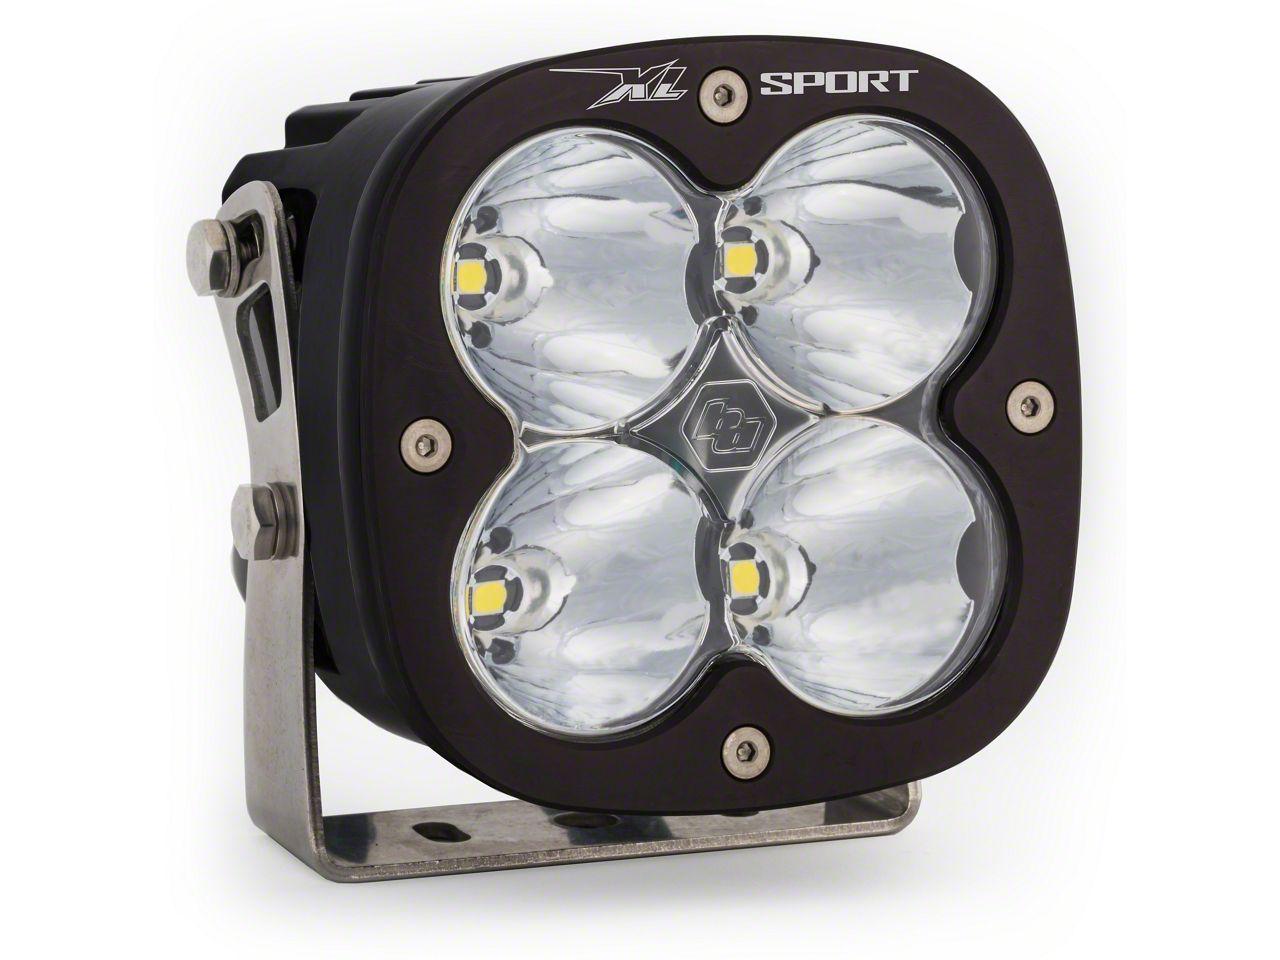 Baja Designs XL Sport LED Light - High Speed Spot Beam